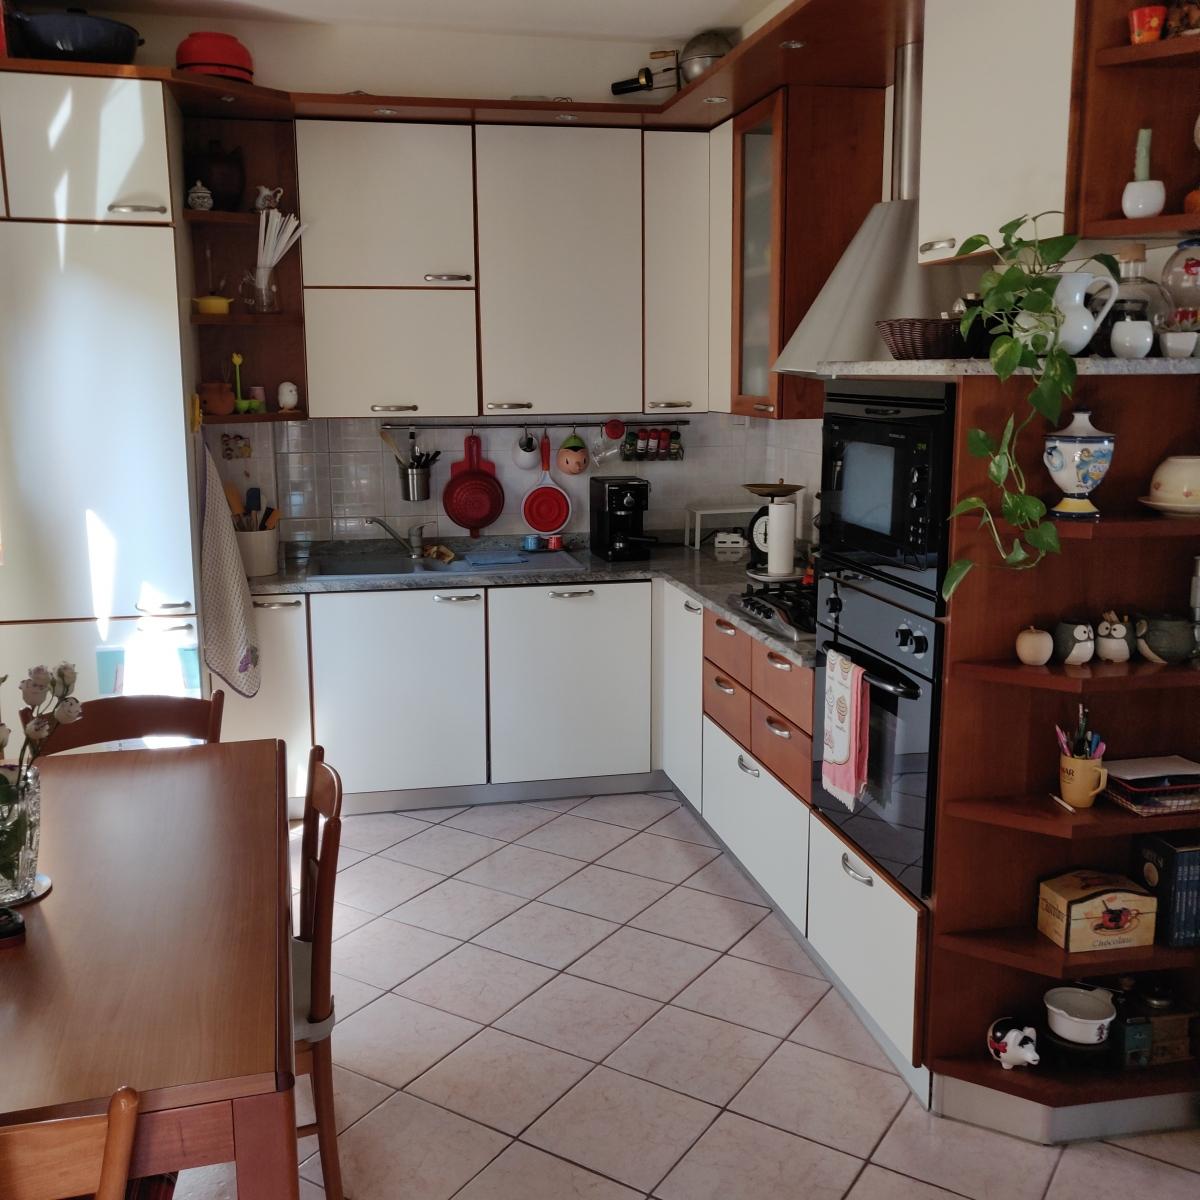 appartamento-in-vendita-a-baggio-via-cassolnovo-bagarotti-3-locali-milano-trilocale-spaziourbano-immobiliare-vende-4